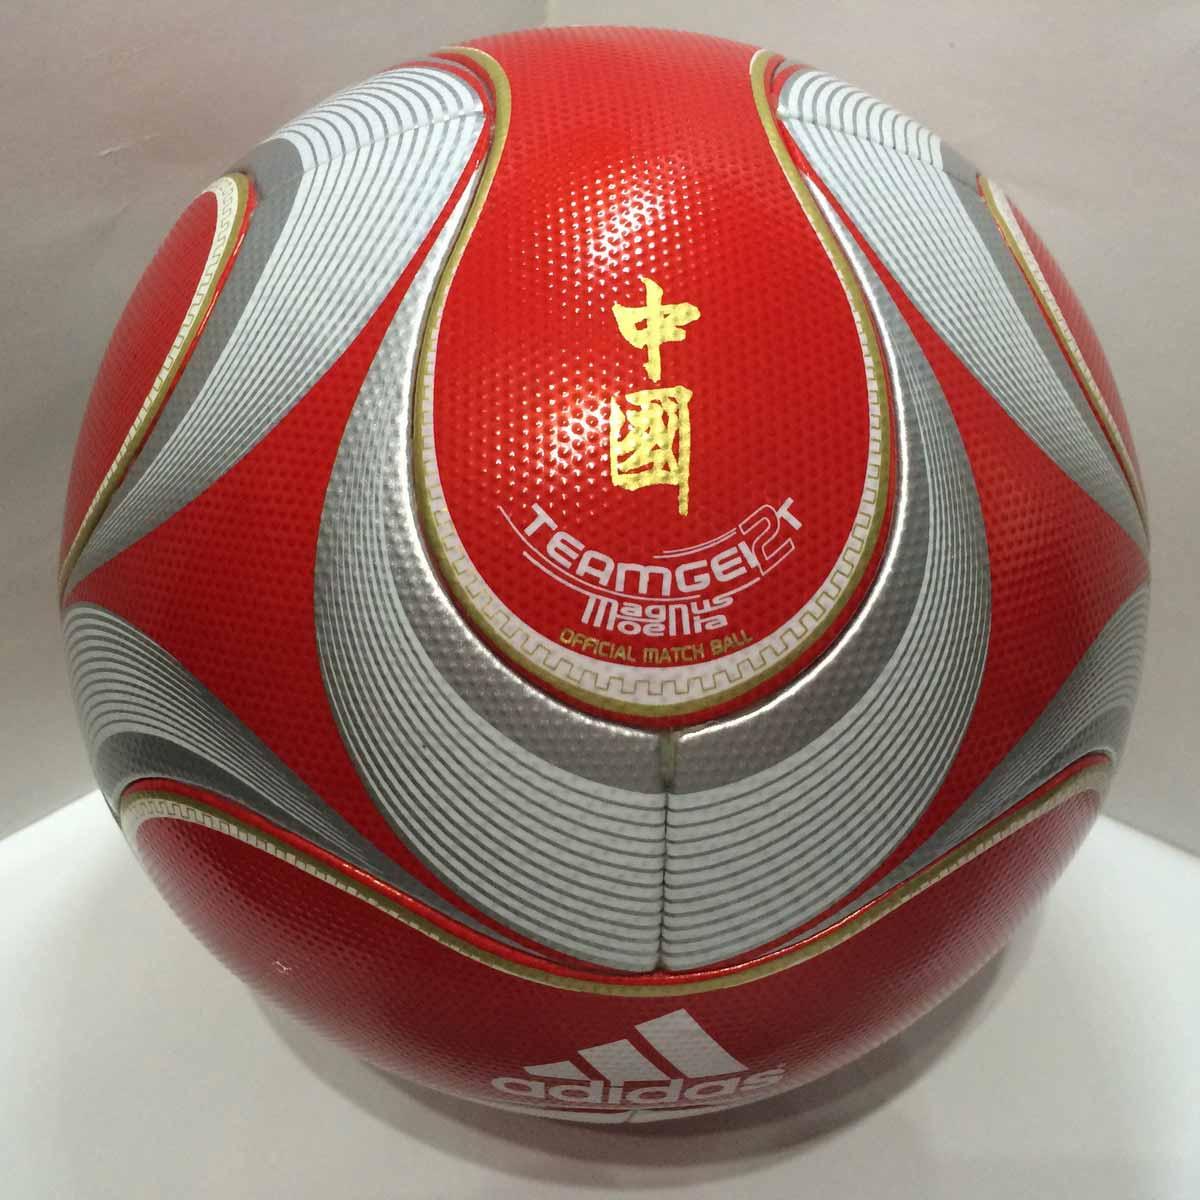 Официальный мяч Олимпийских игр 2008 - Teamgeist 2 Magnus Moenia